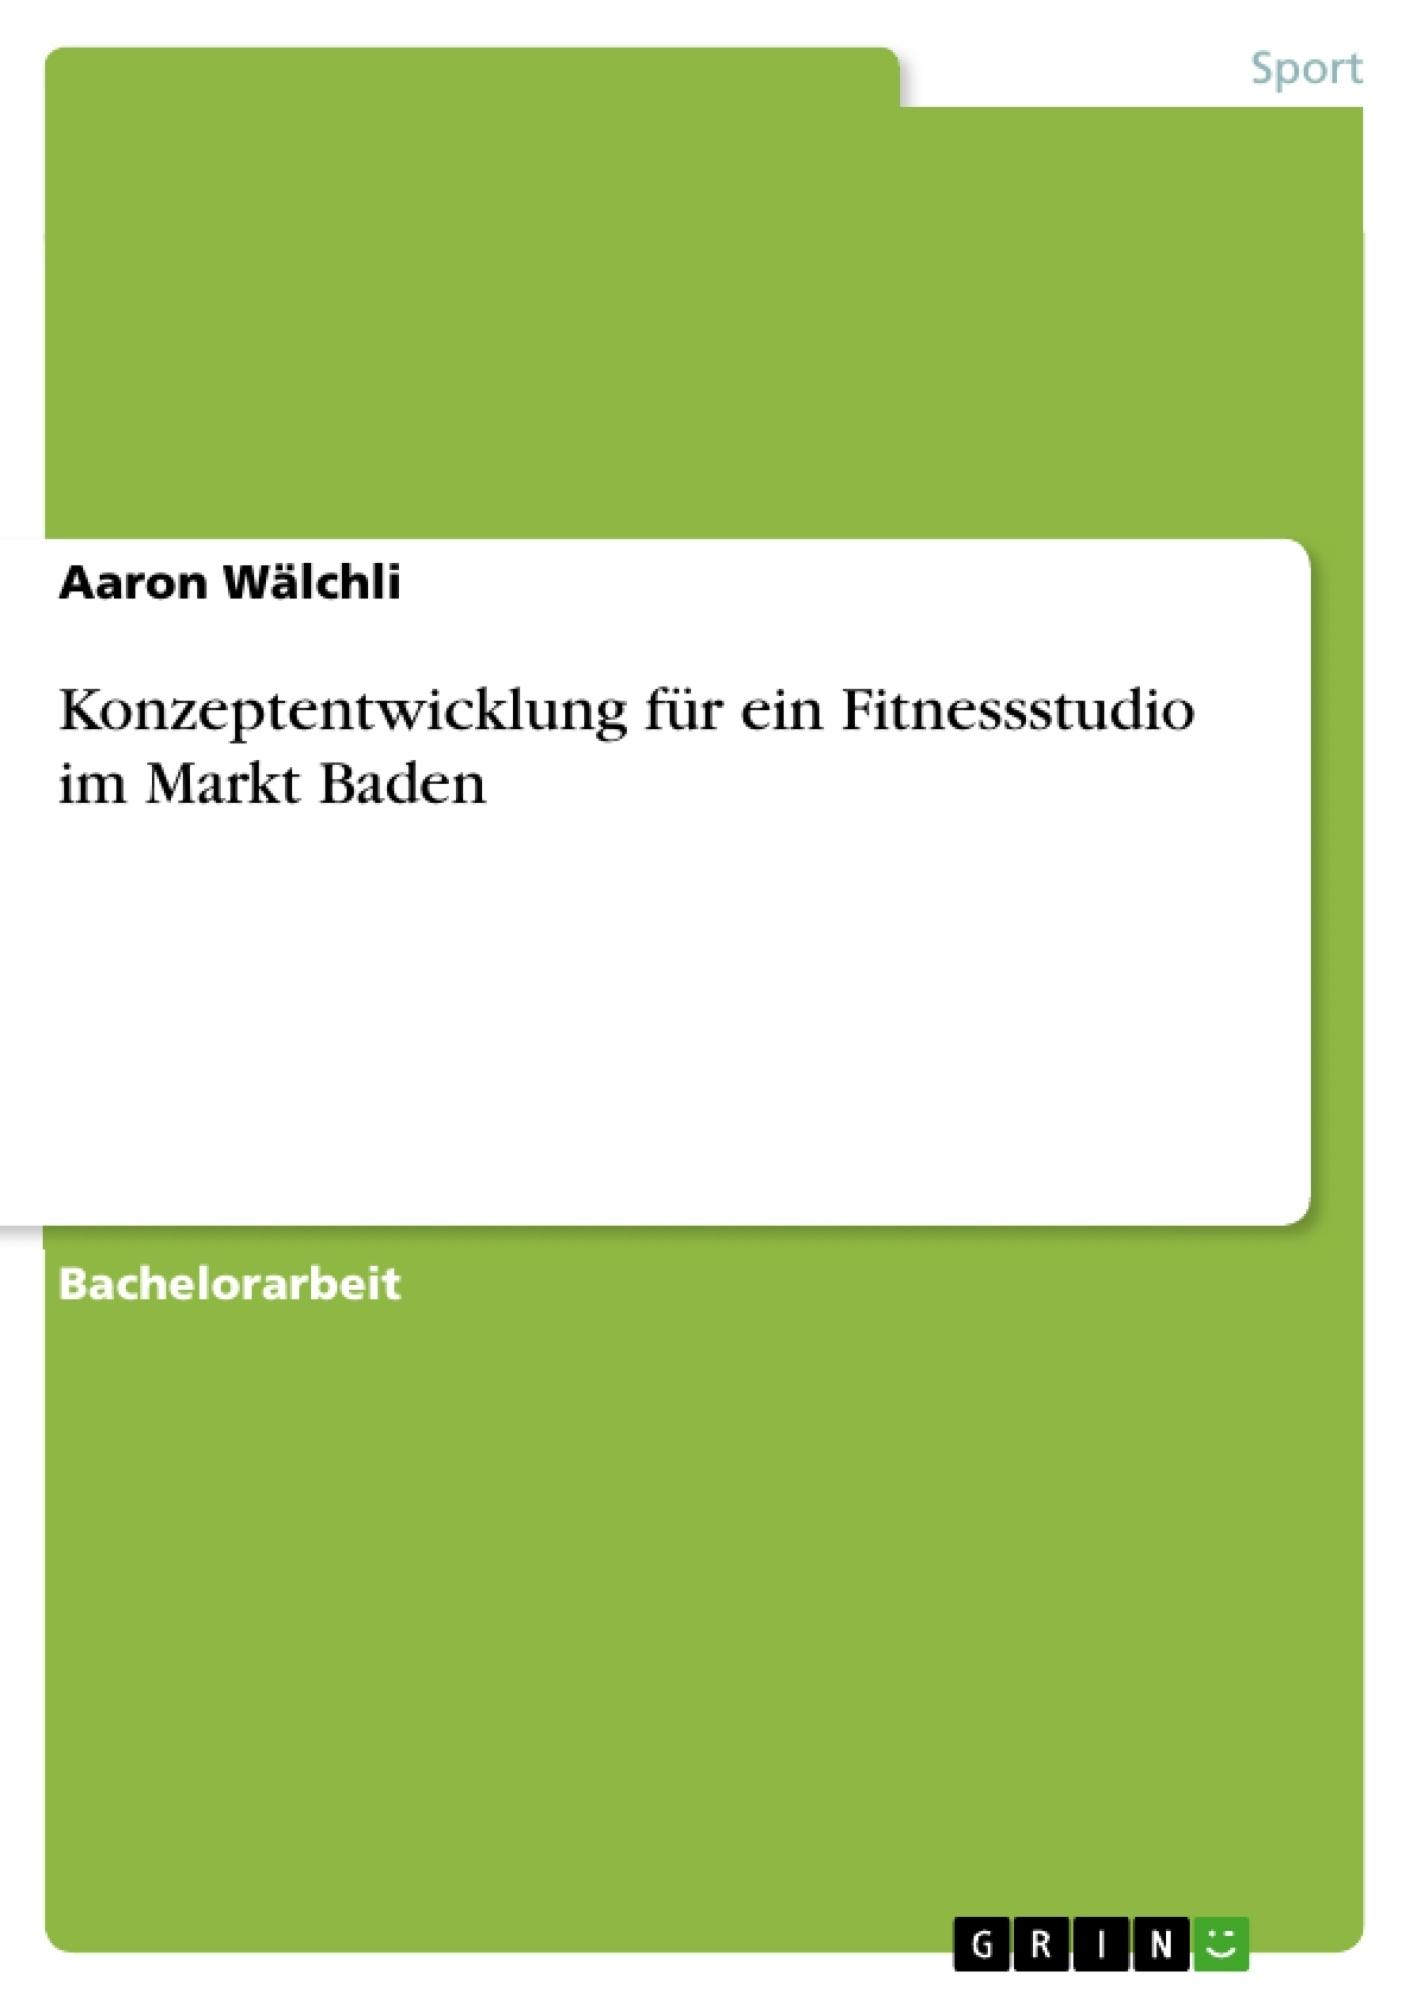 Titel: Konzeptentwicklung für ein Fitnessstudio im Markt Baden